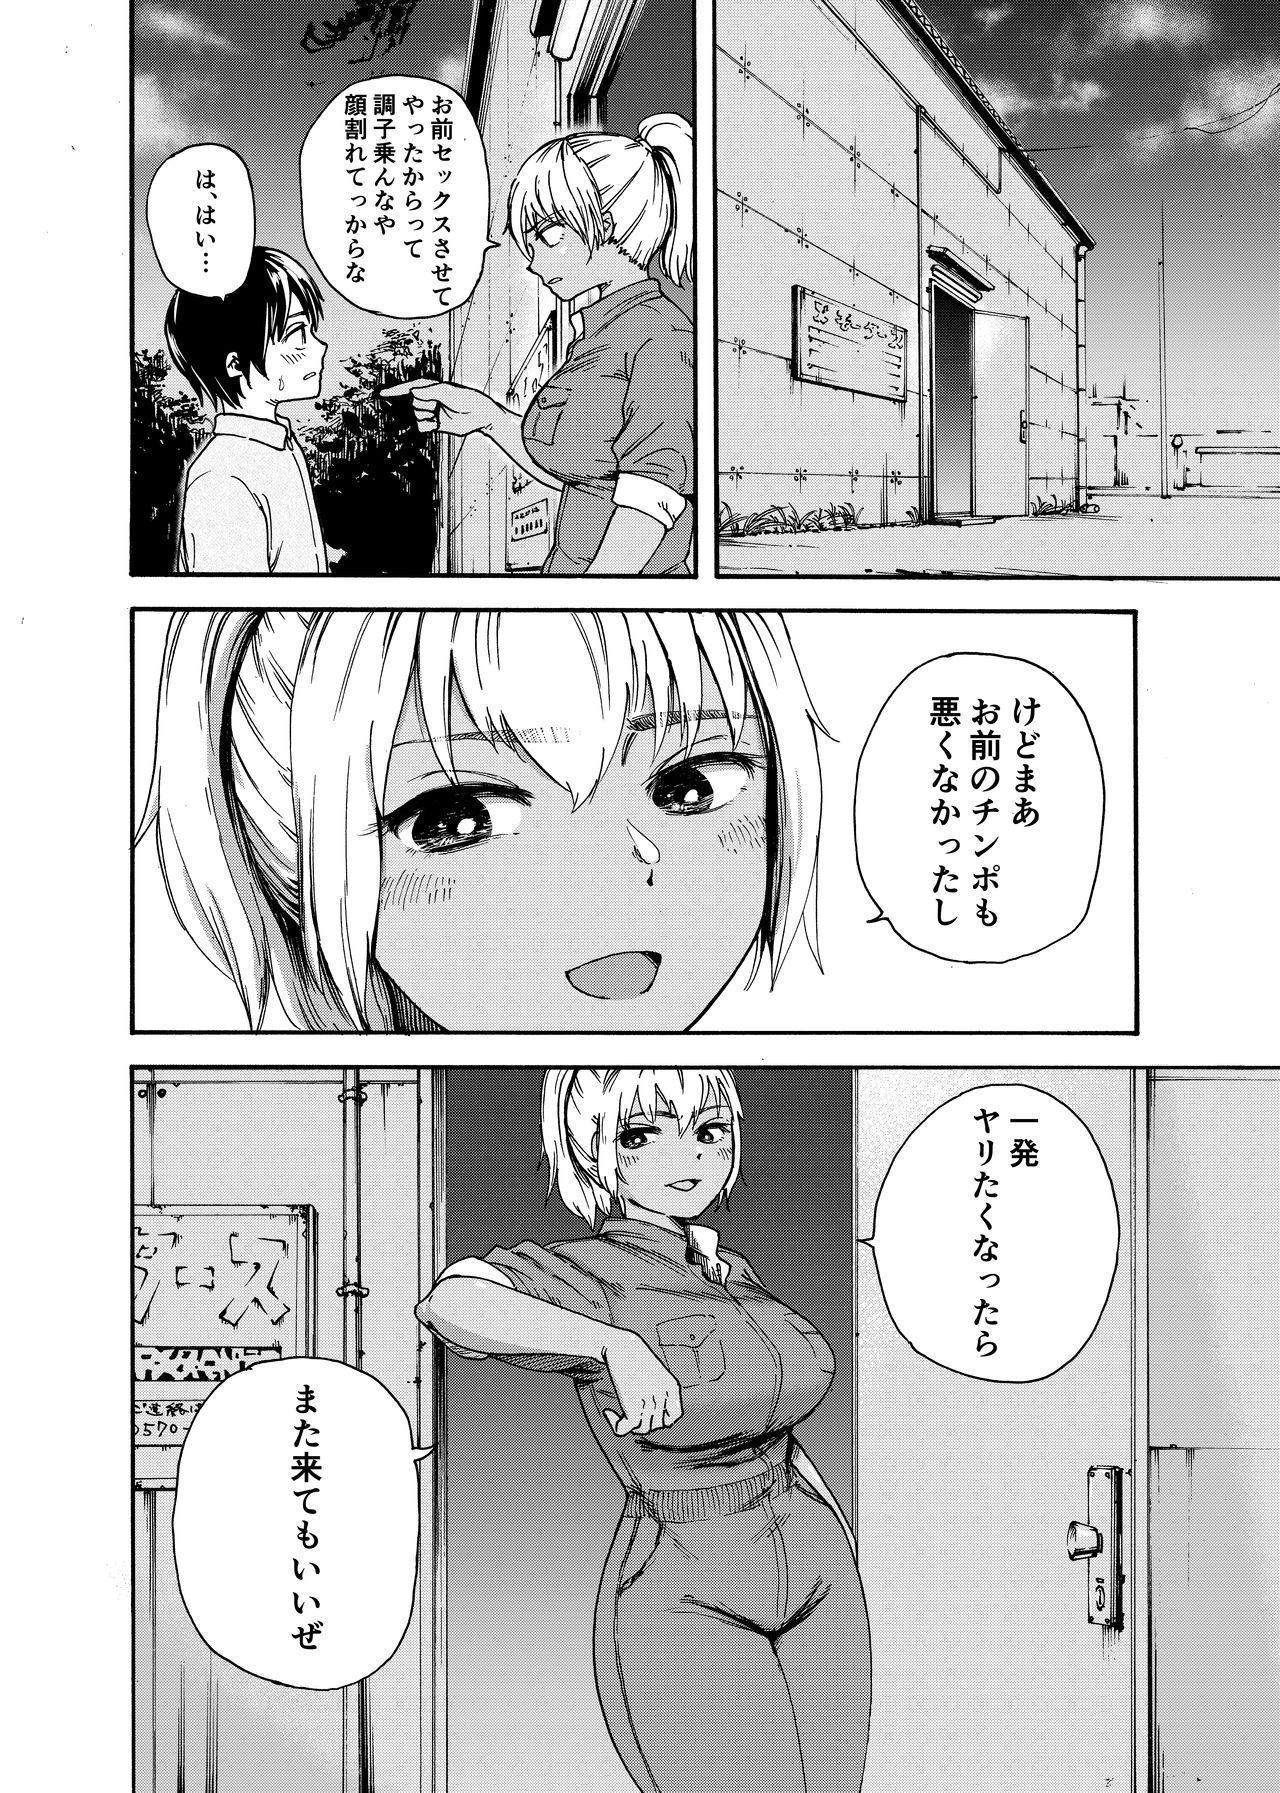 Tsunagi Gal ga Seisai Fudeoroshi 23